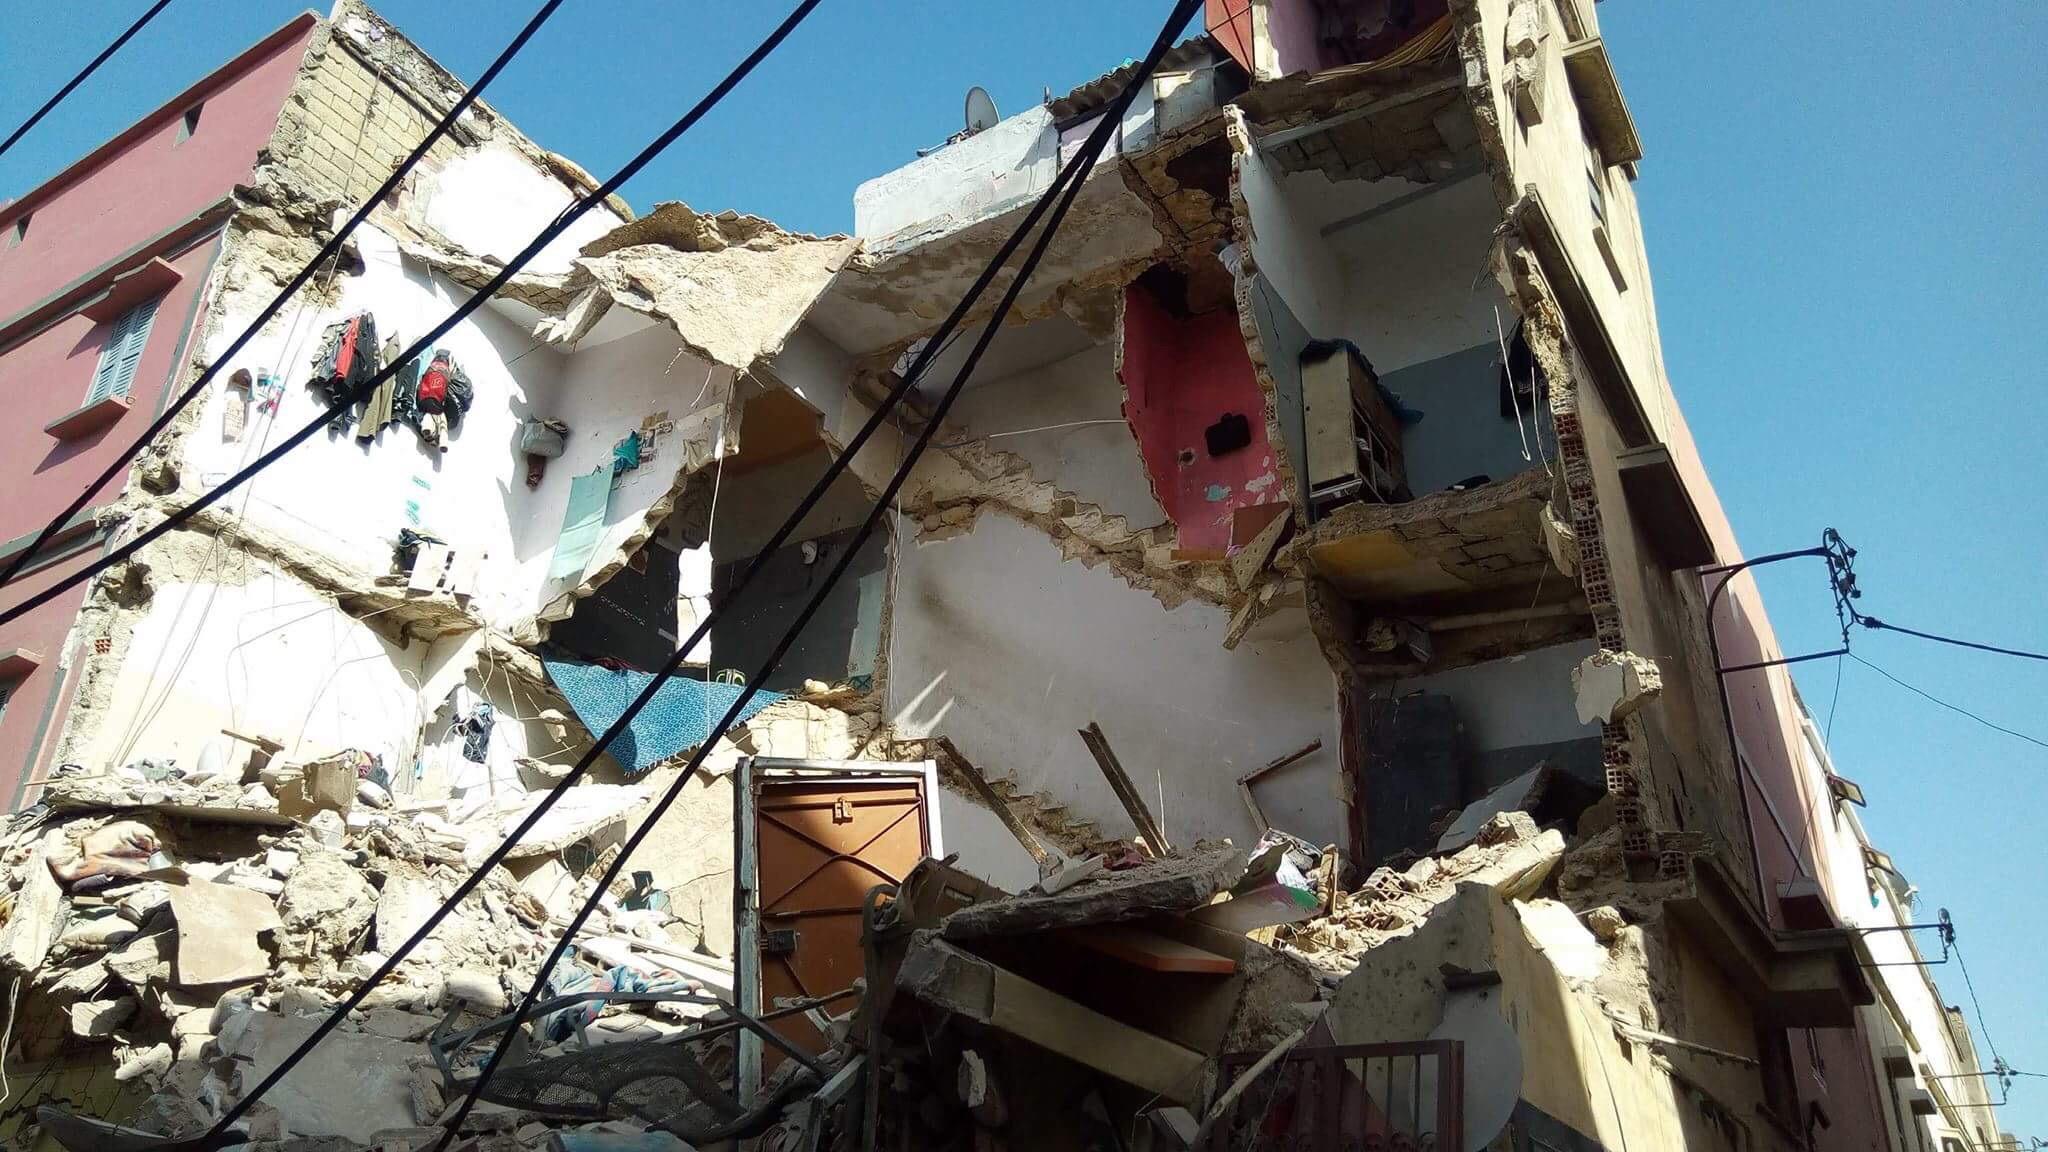 انهيار مبنى من طابقين على رؤوس ساكنيه بدرب الكبير بالدار البيضاء